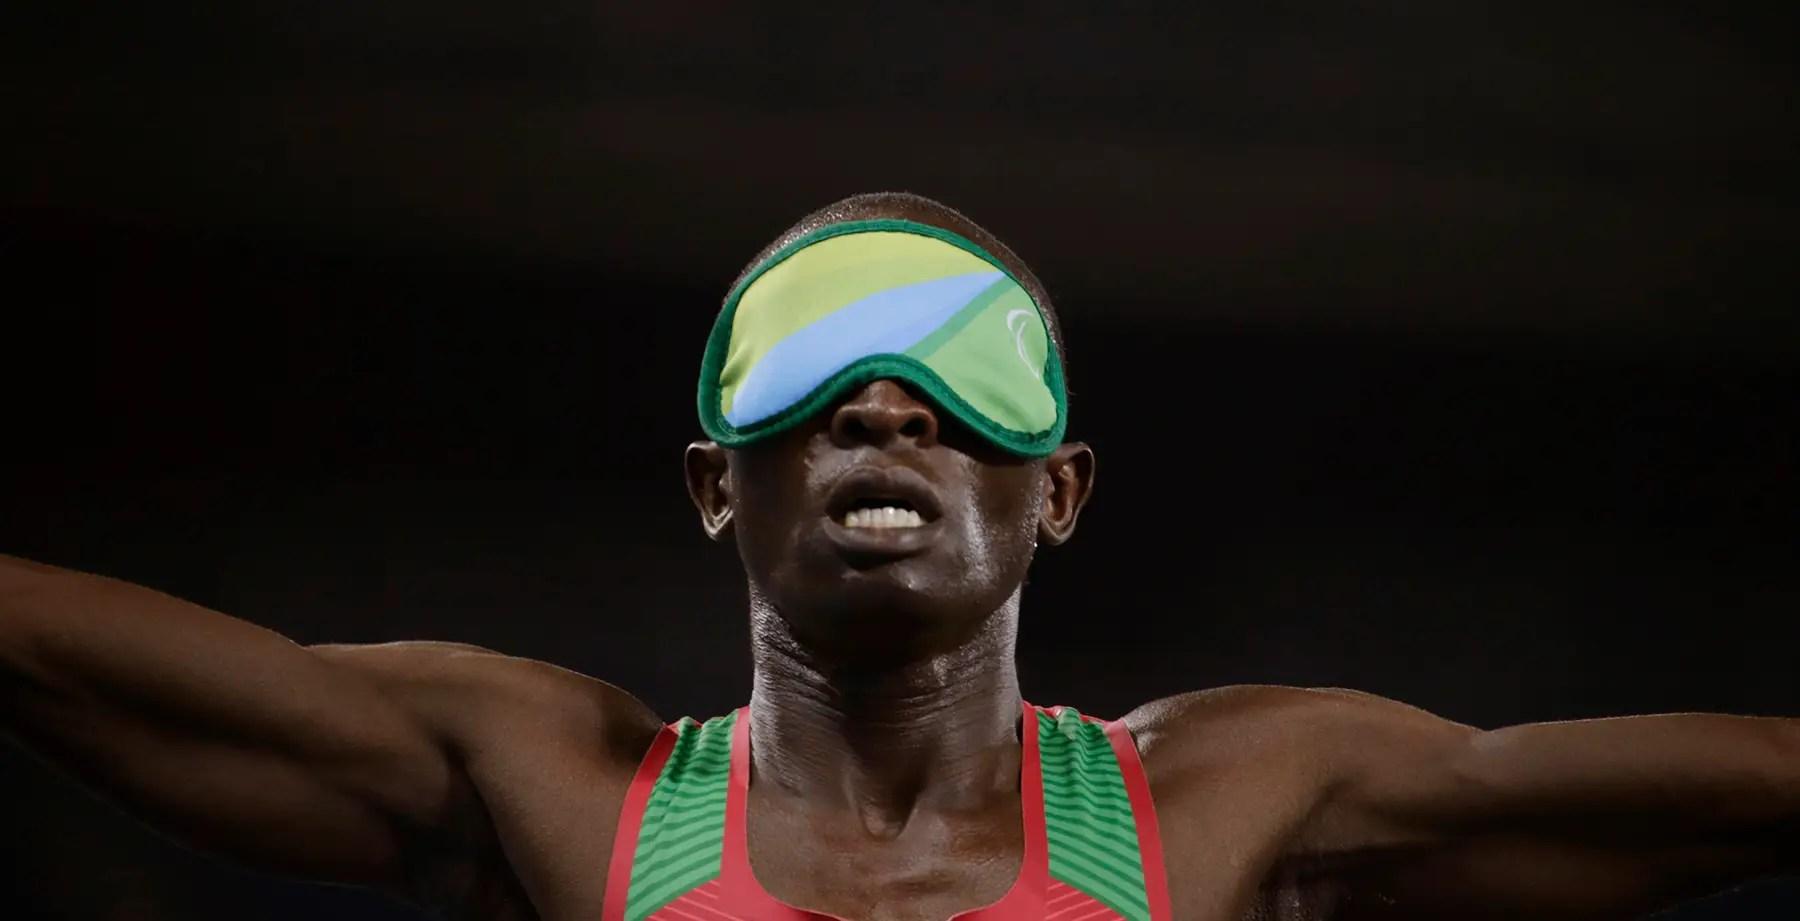 Samwel Mushai Kimani de Kenia gana la medalla de oro en los 1.500 metros.